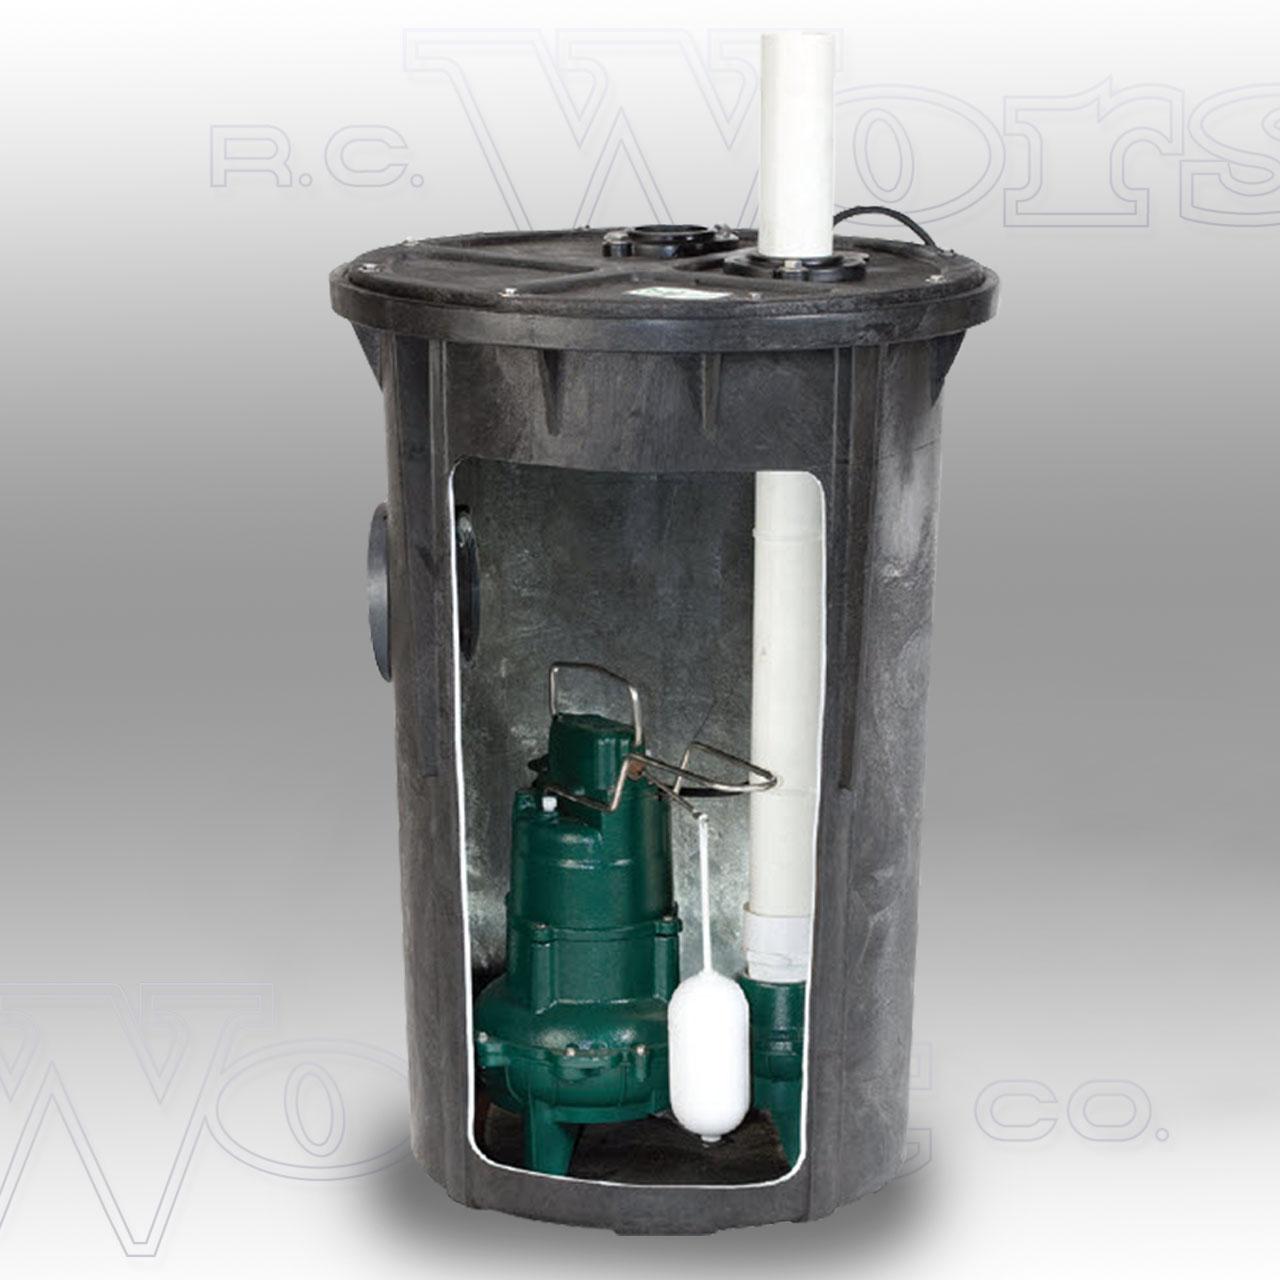 Zoeller Zoeller 912 0078 Preassembled Sewage Pkg System